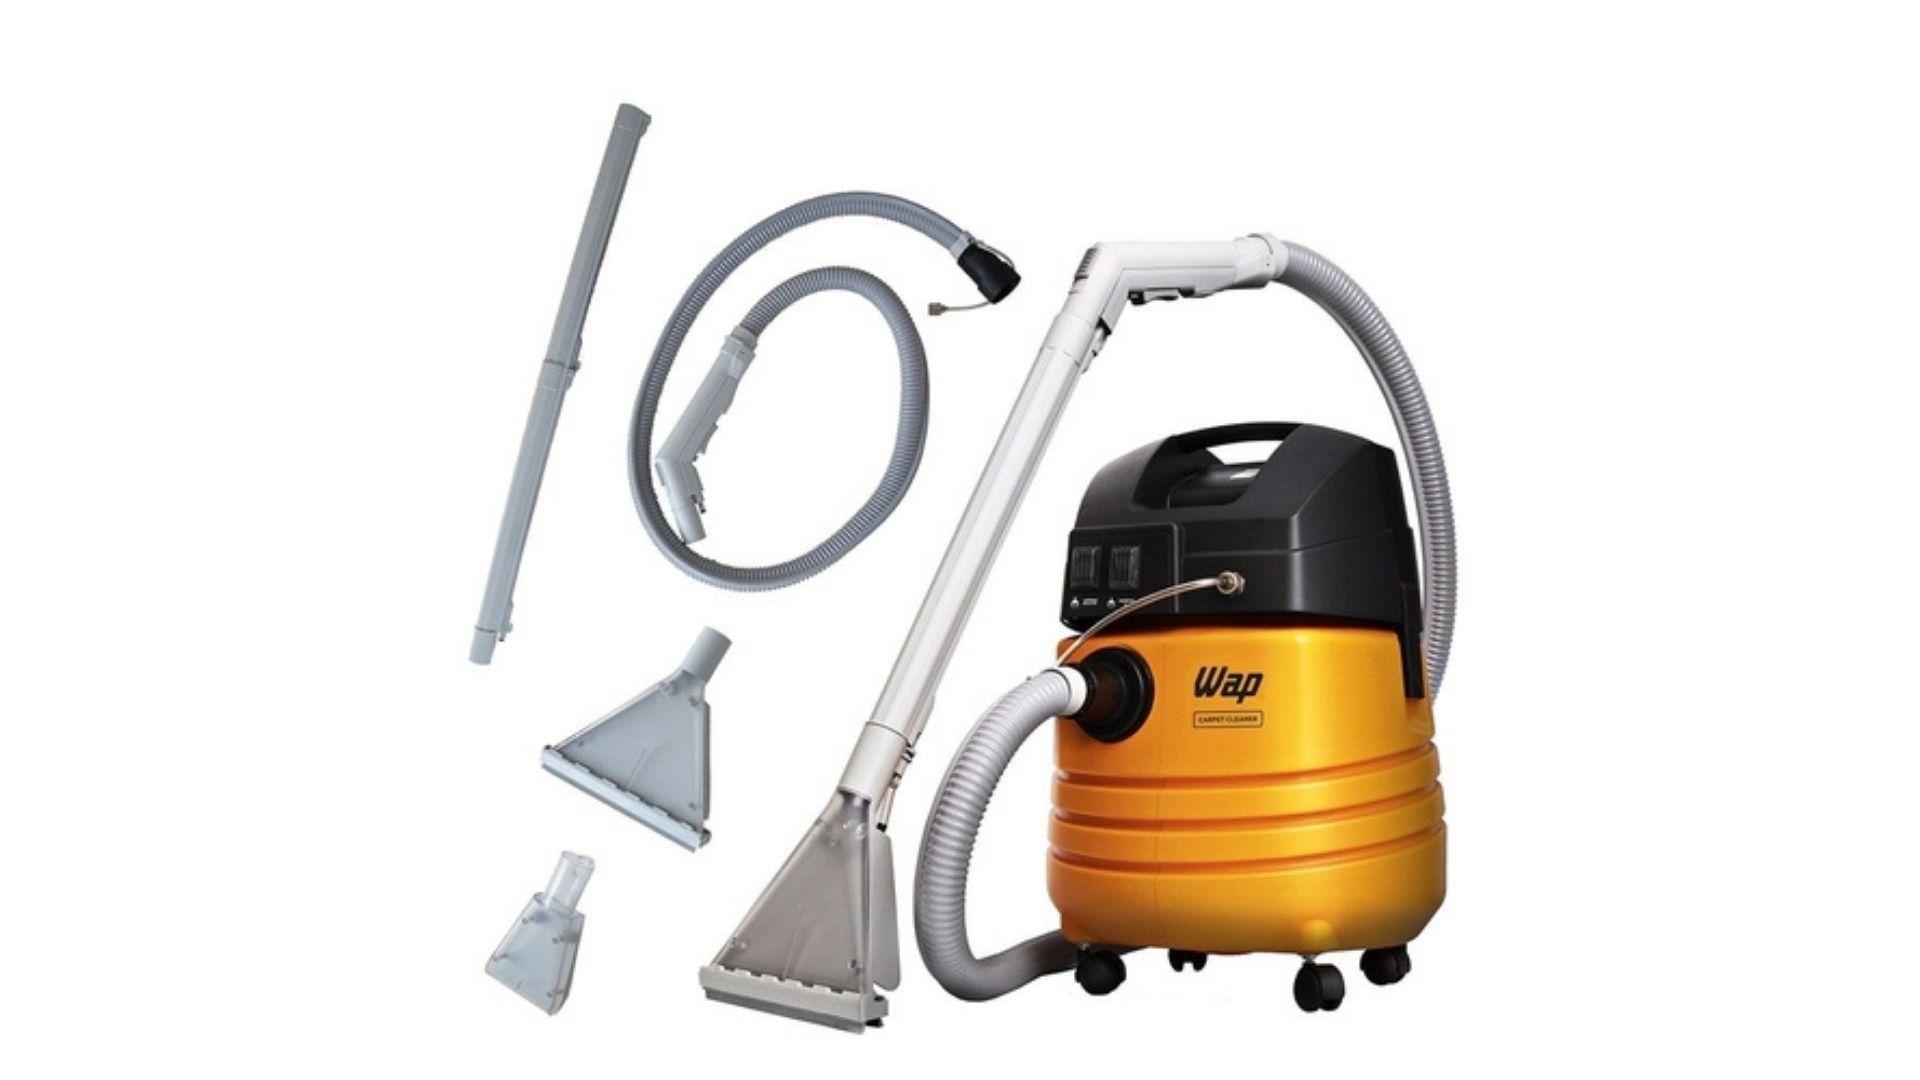 O Aspirador de Pó e Água Profissional Wap Carpet Cleaner é um dos destaques de 2021 (Foto: Divulgação)